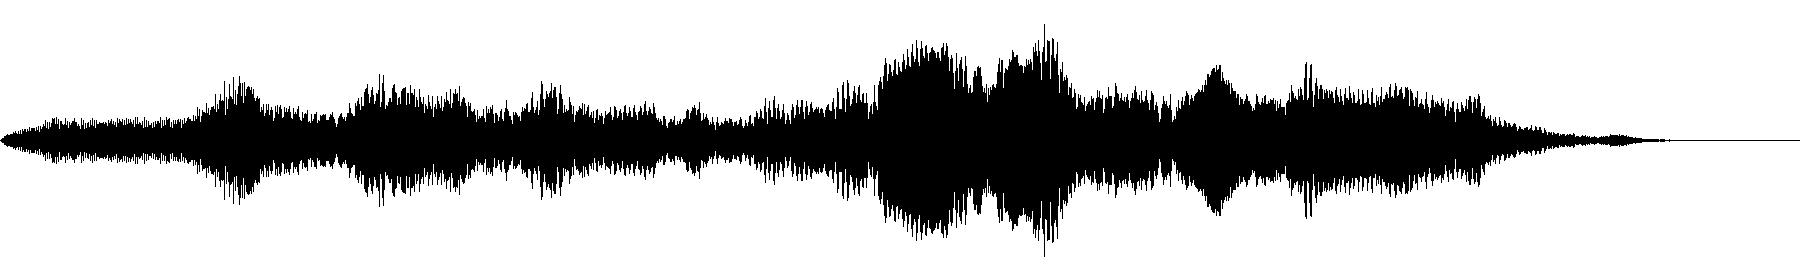 bluezone orbit sound 027